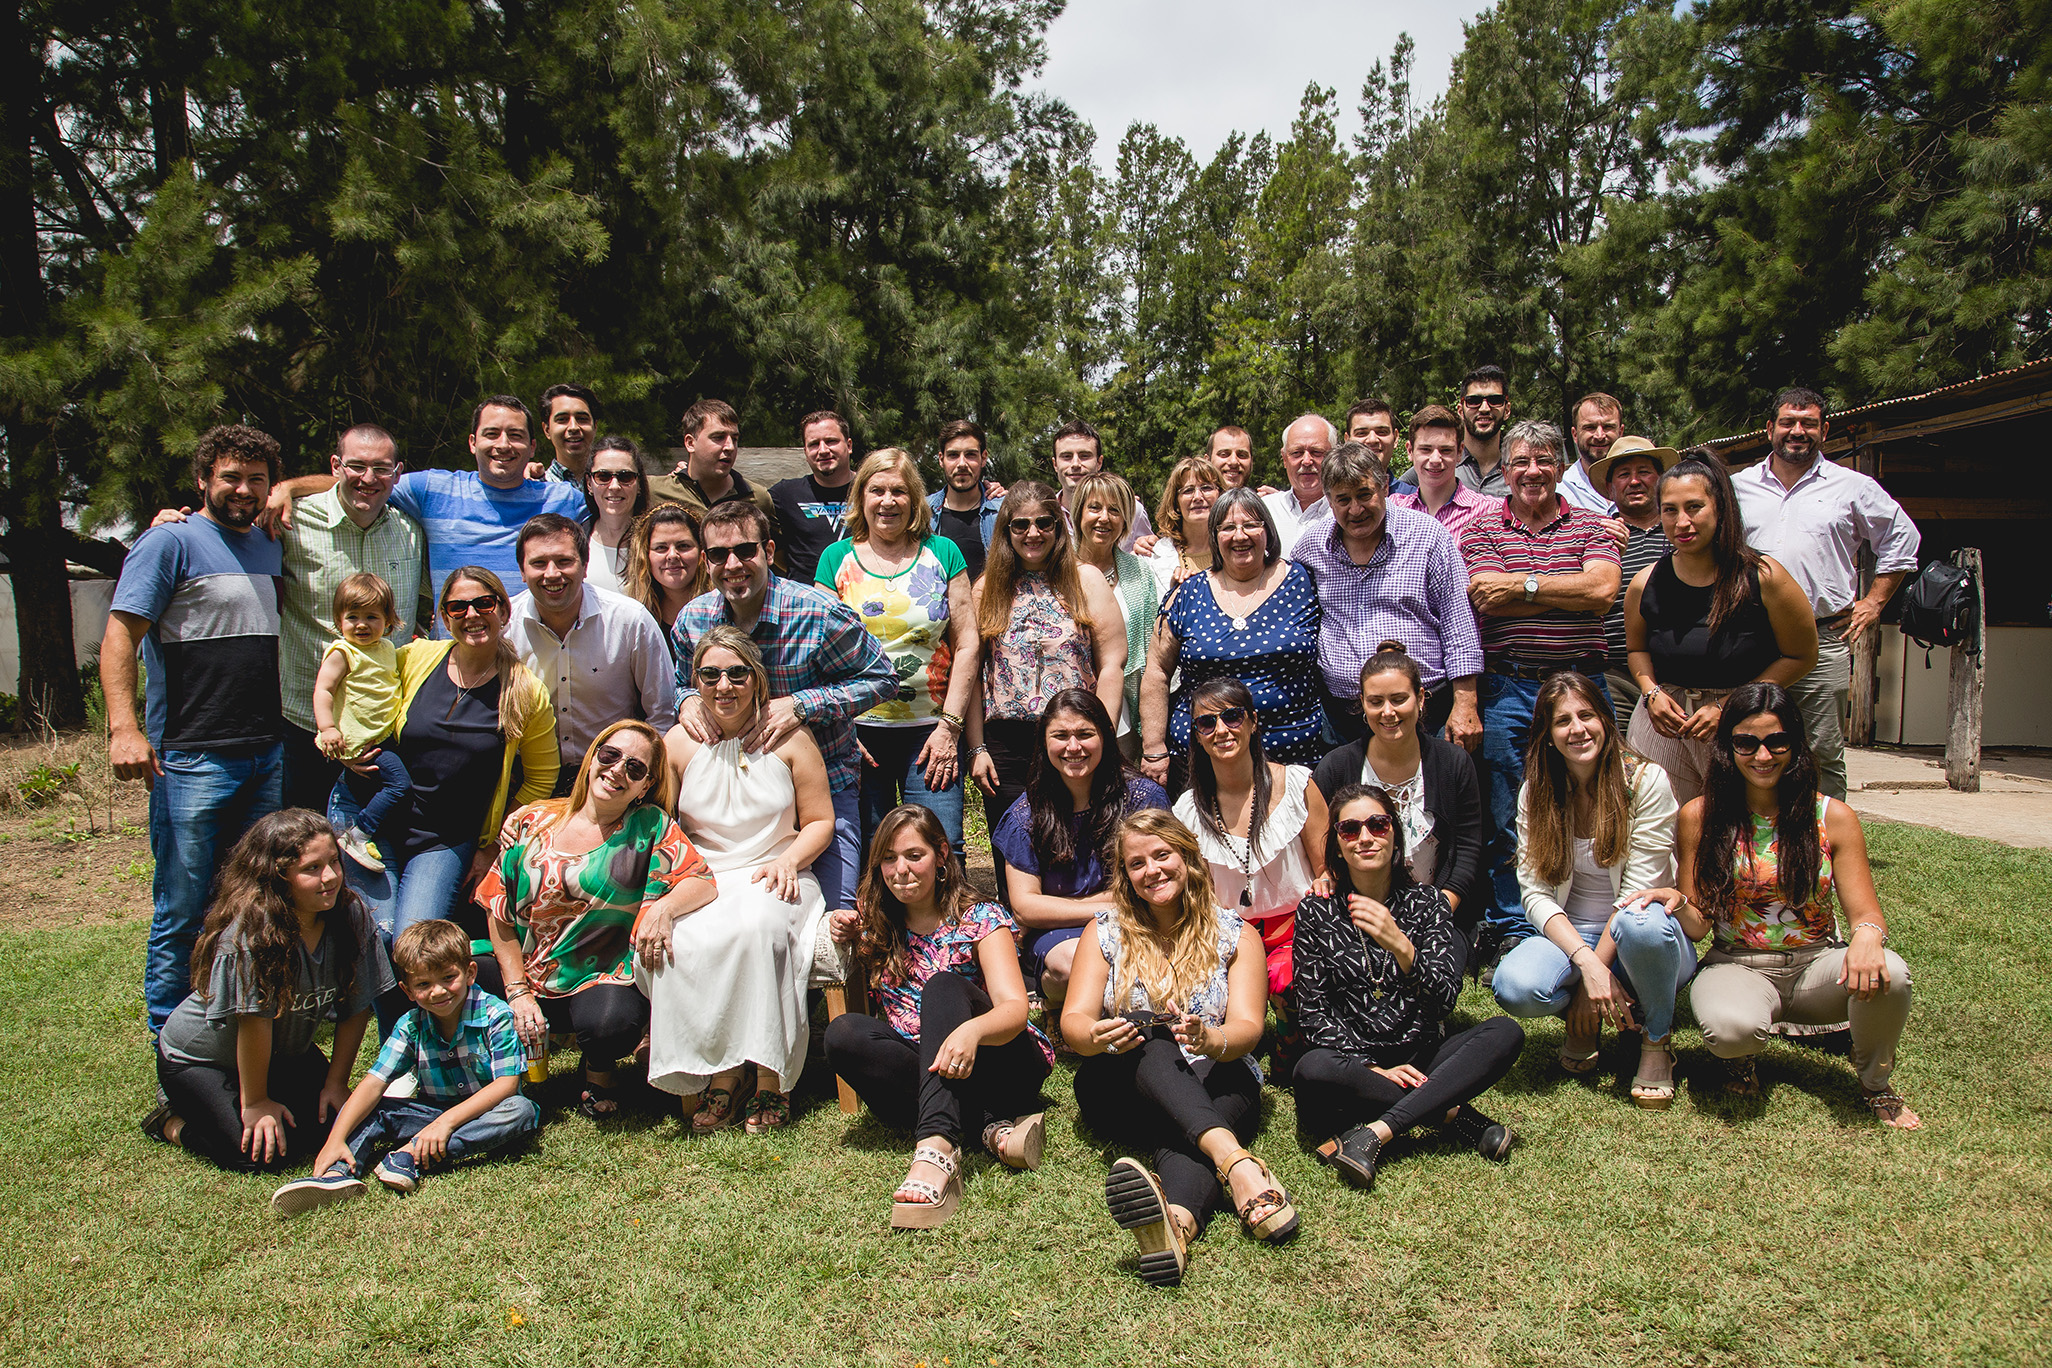 Fotos del civil de Ro y Eze en Las Rosas realizadas por Bucle Fotografias. Flor Bosio y Caro Clerici